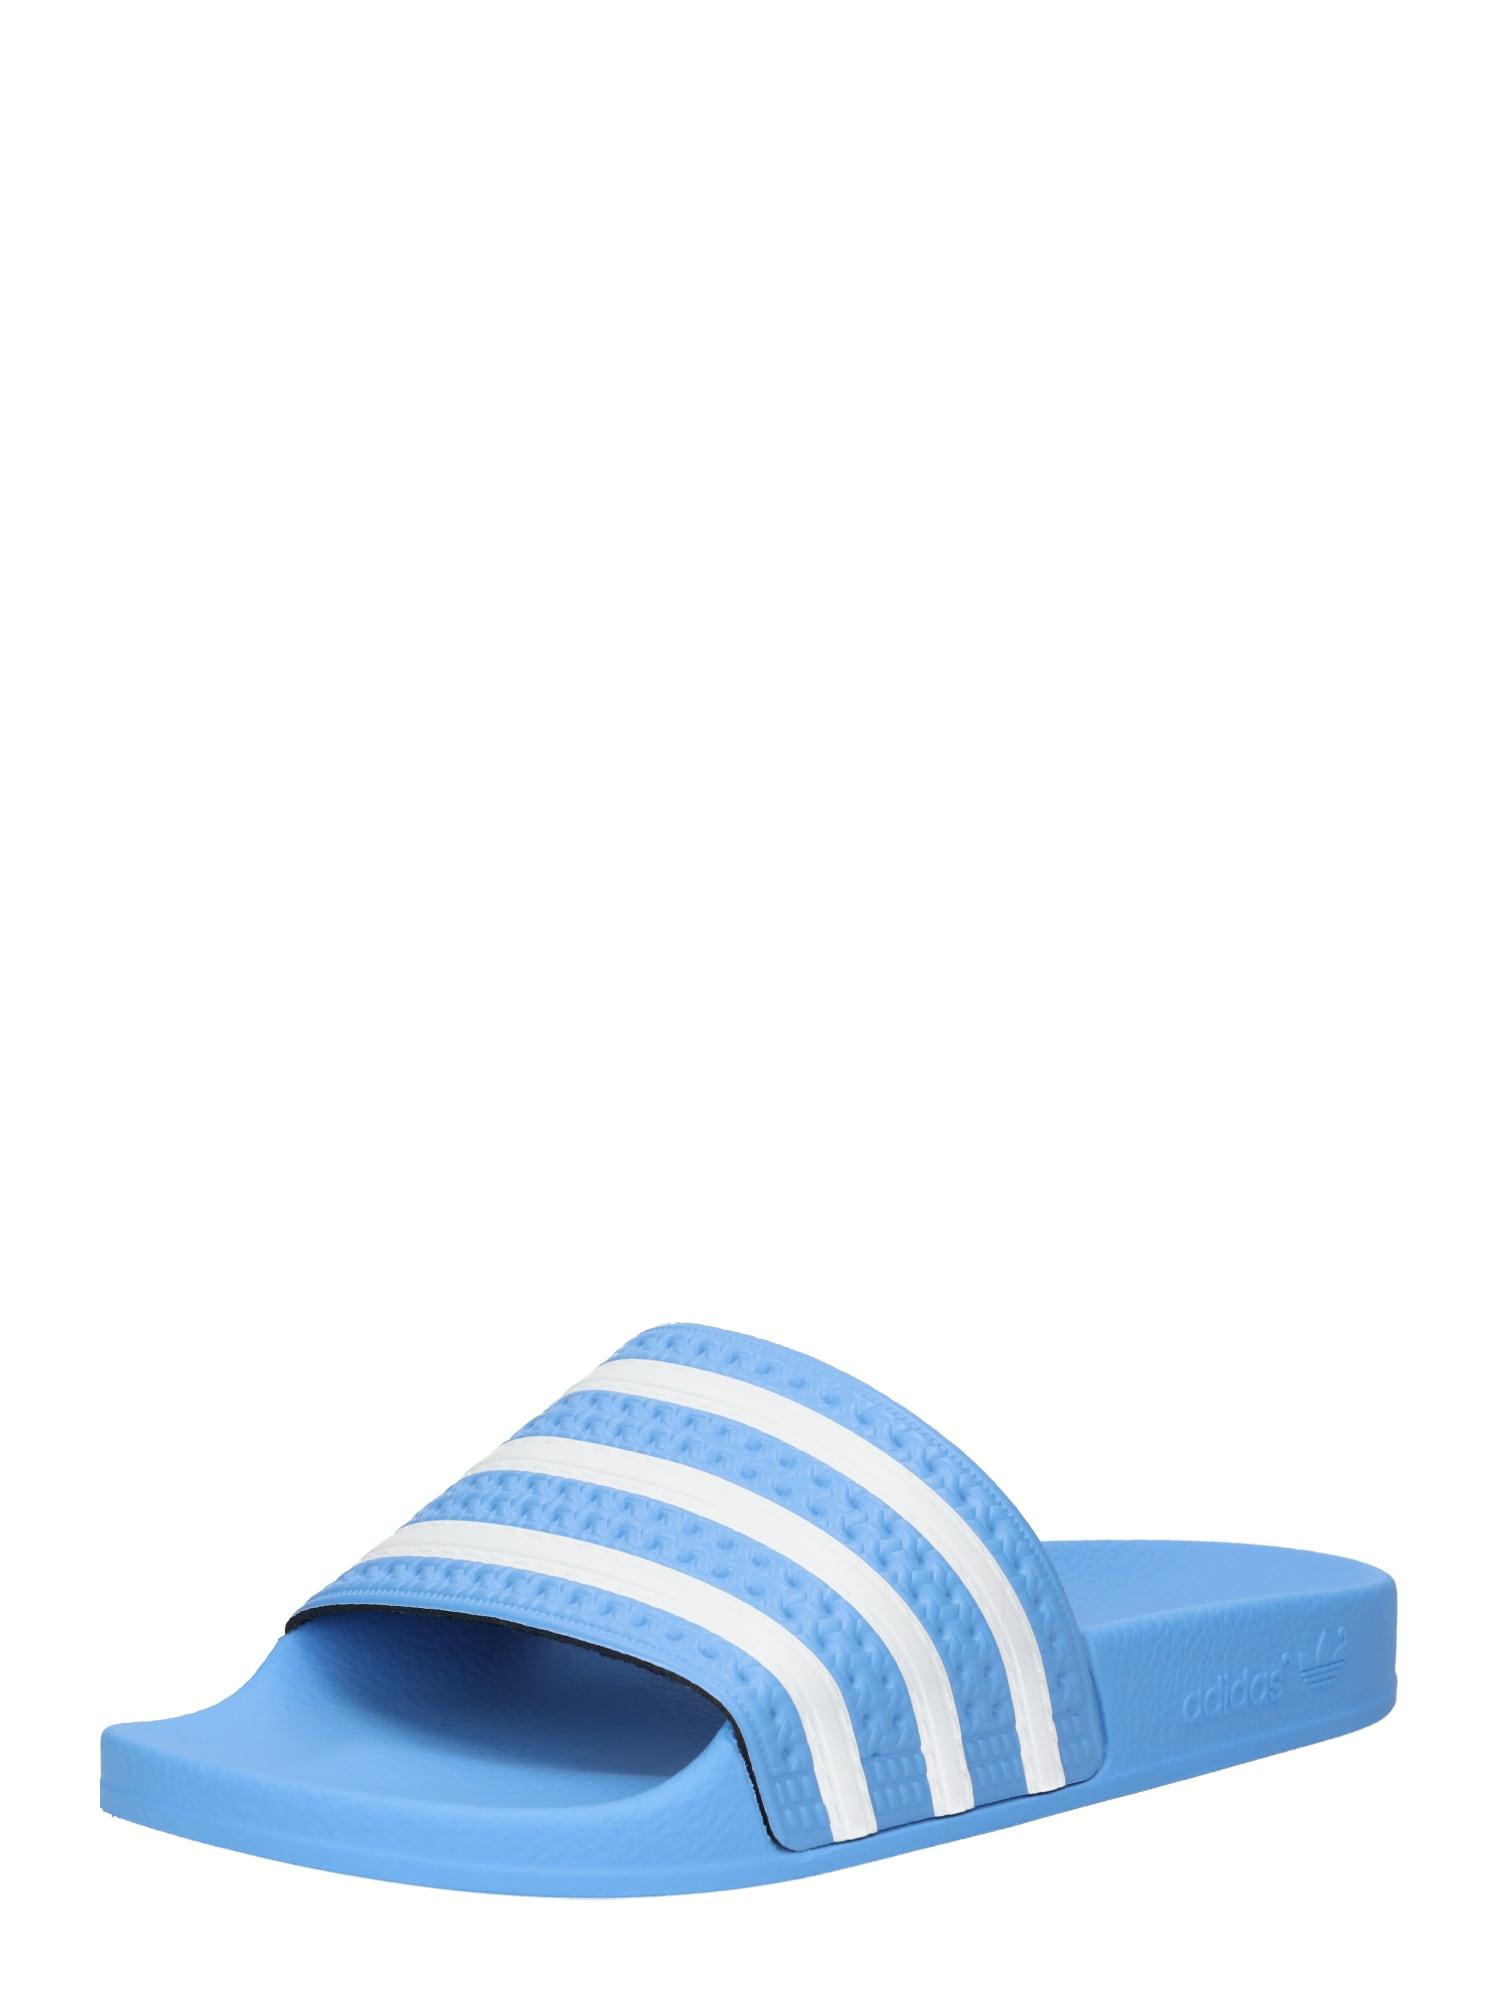 Plážovákoupací obuv světlemodrá bílá ADIDAS ORIGINALS